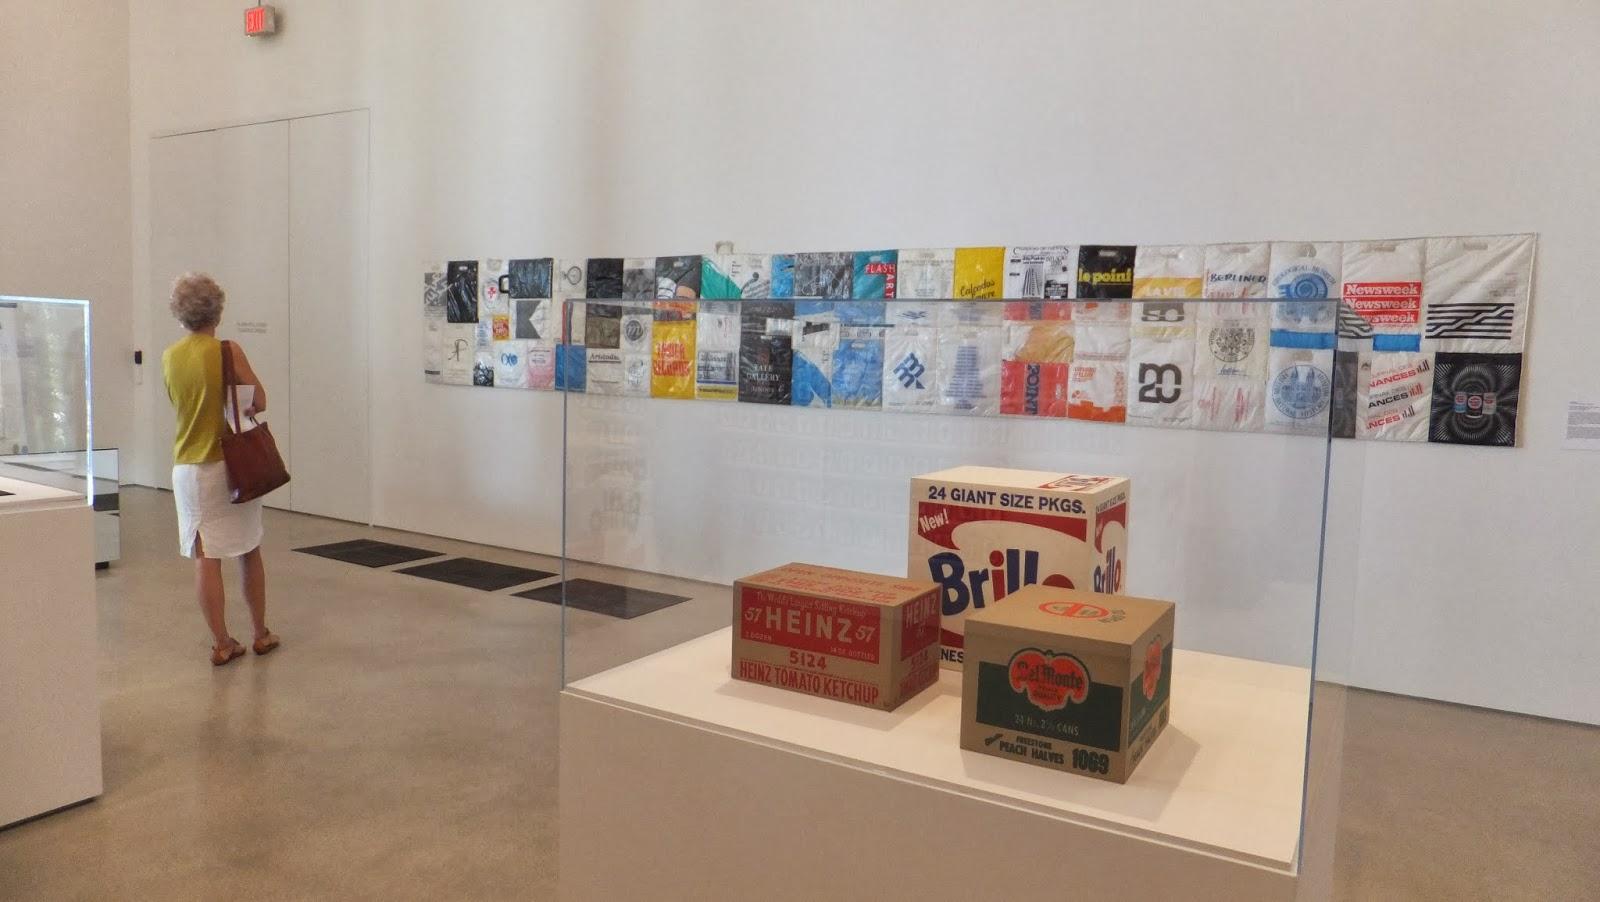 Perez Art Museum, PAMM, Miami, Elisa N, Blog de Viajes, Lifestyle, Travel